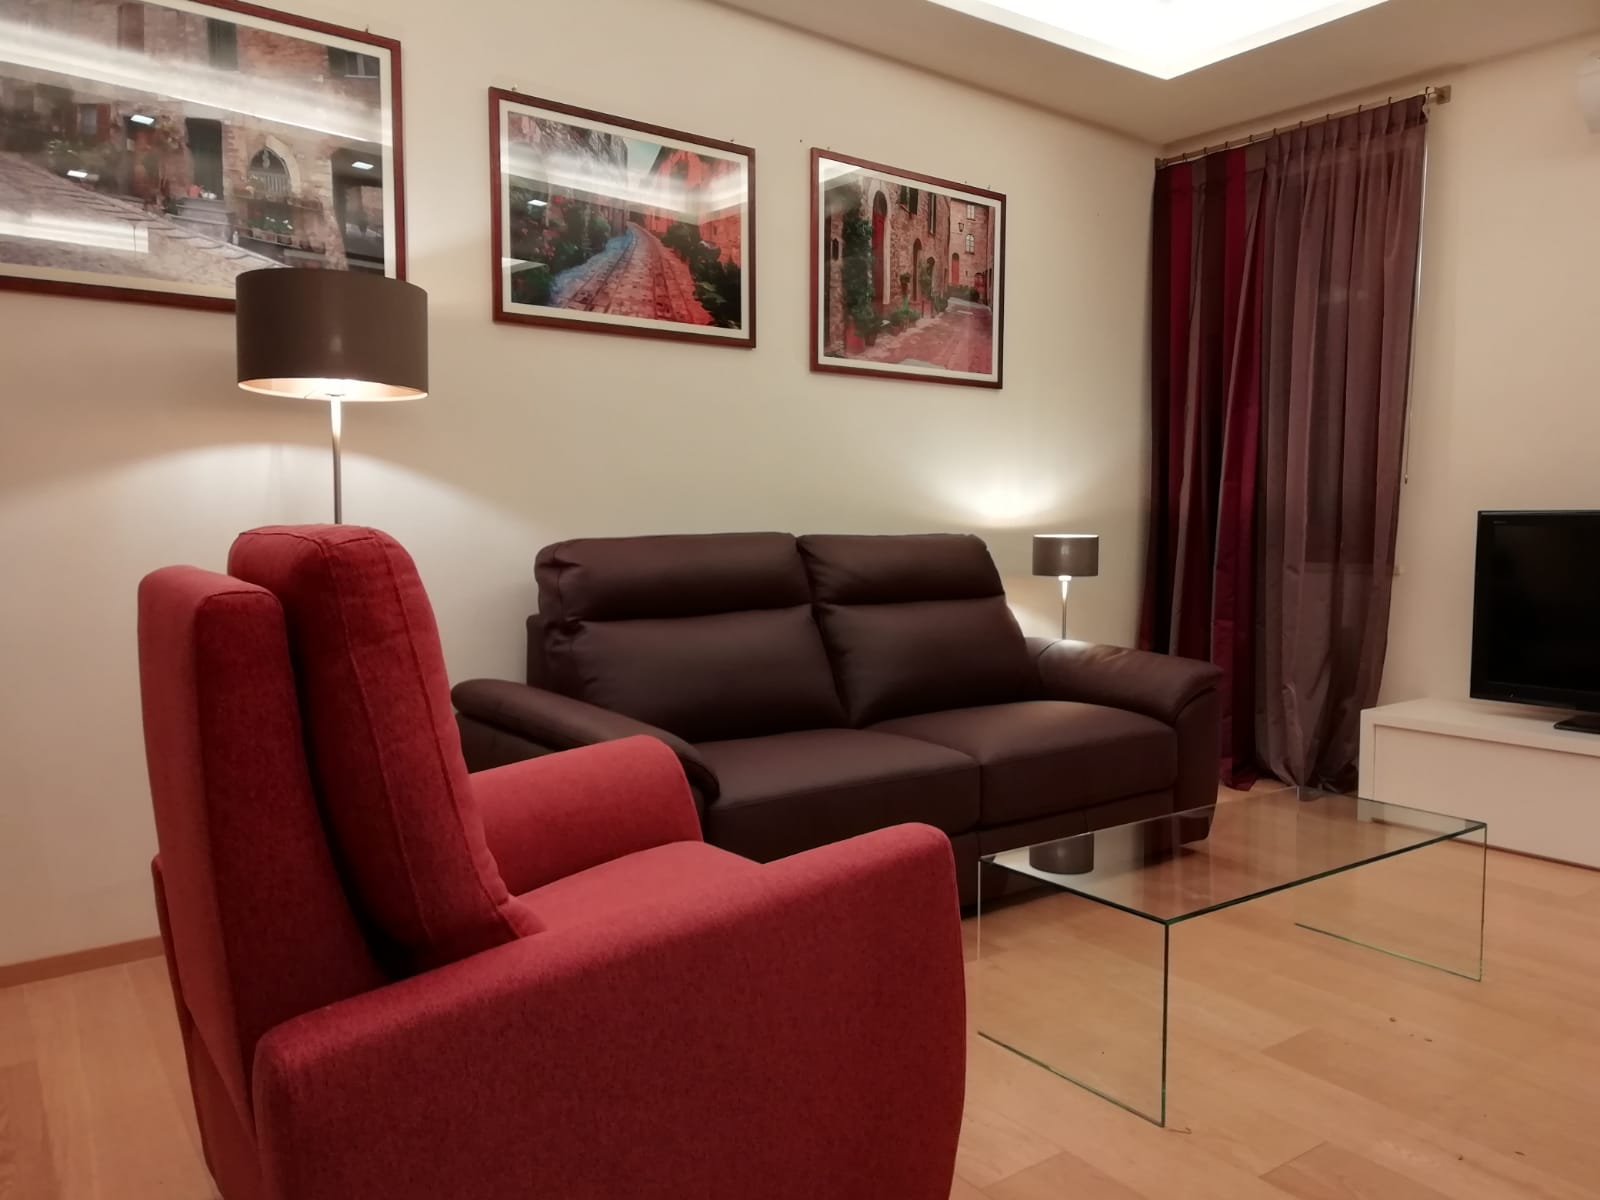 Casa Clarignano: Stunning 2 bedroom apartment in Montefalco